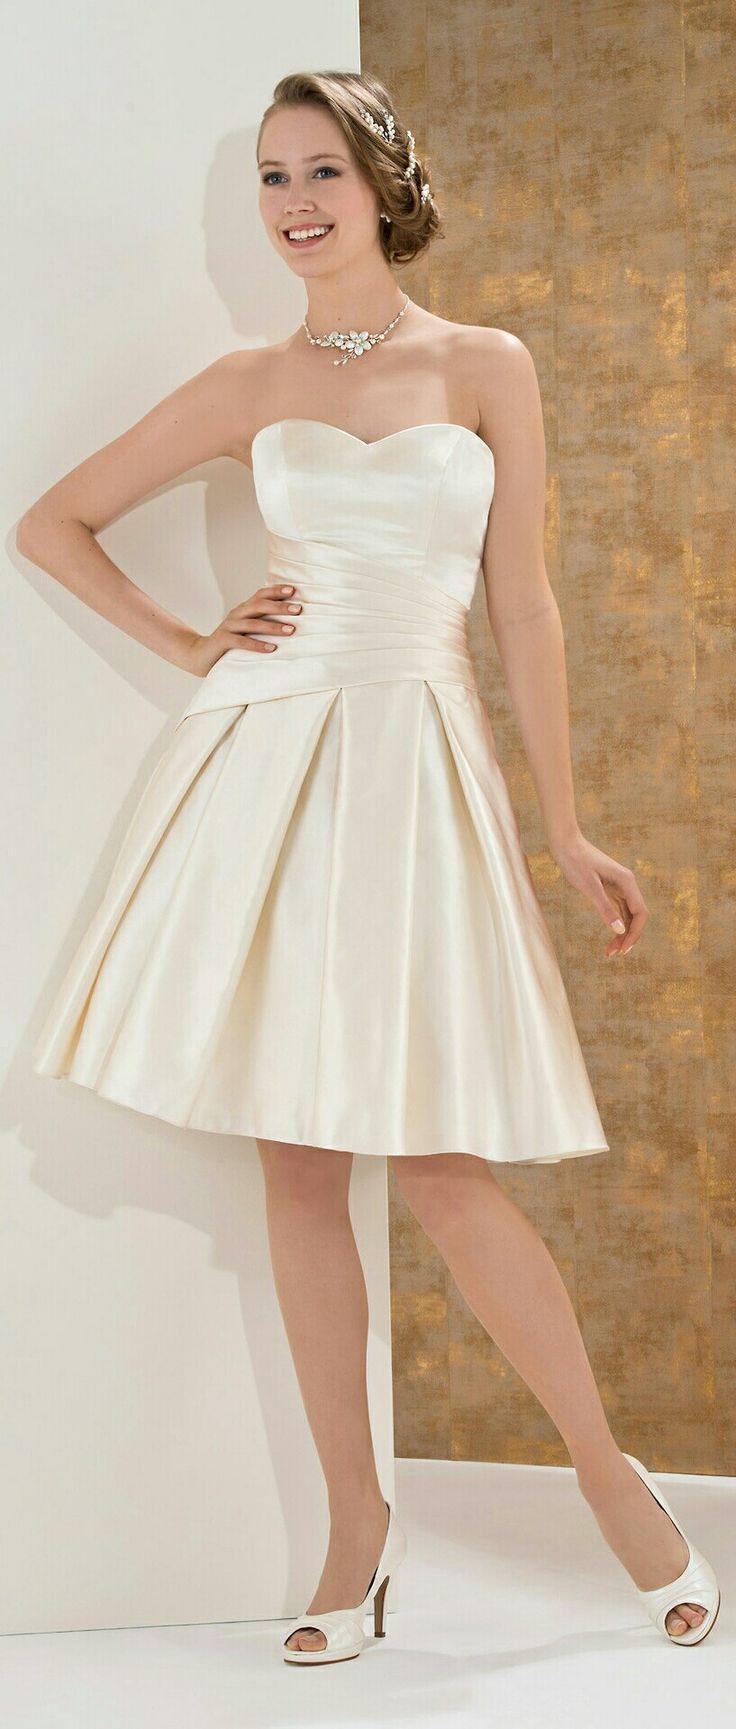 17 besten WEDDING DRESS IDEAS Bilder auf Pinterest   Hochzeitskleid ...